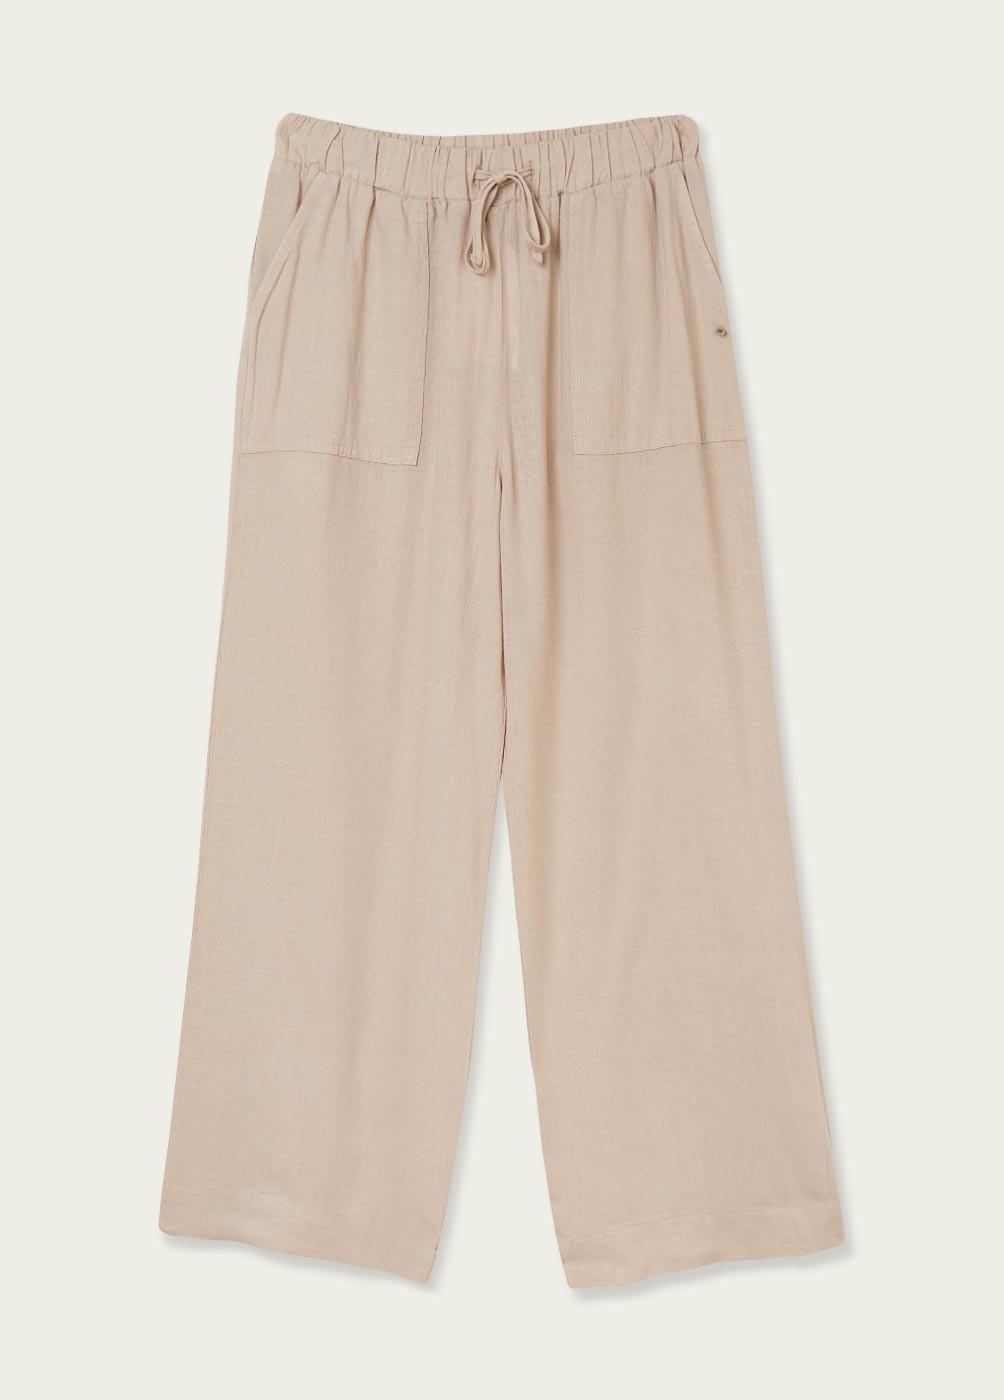 Pantalon Sam Lino  - 9